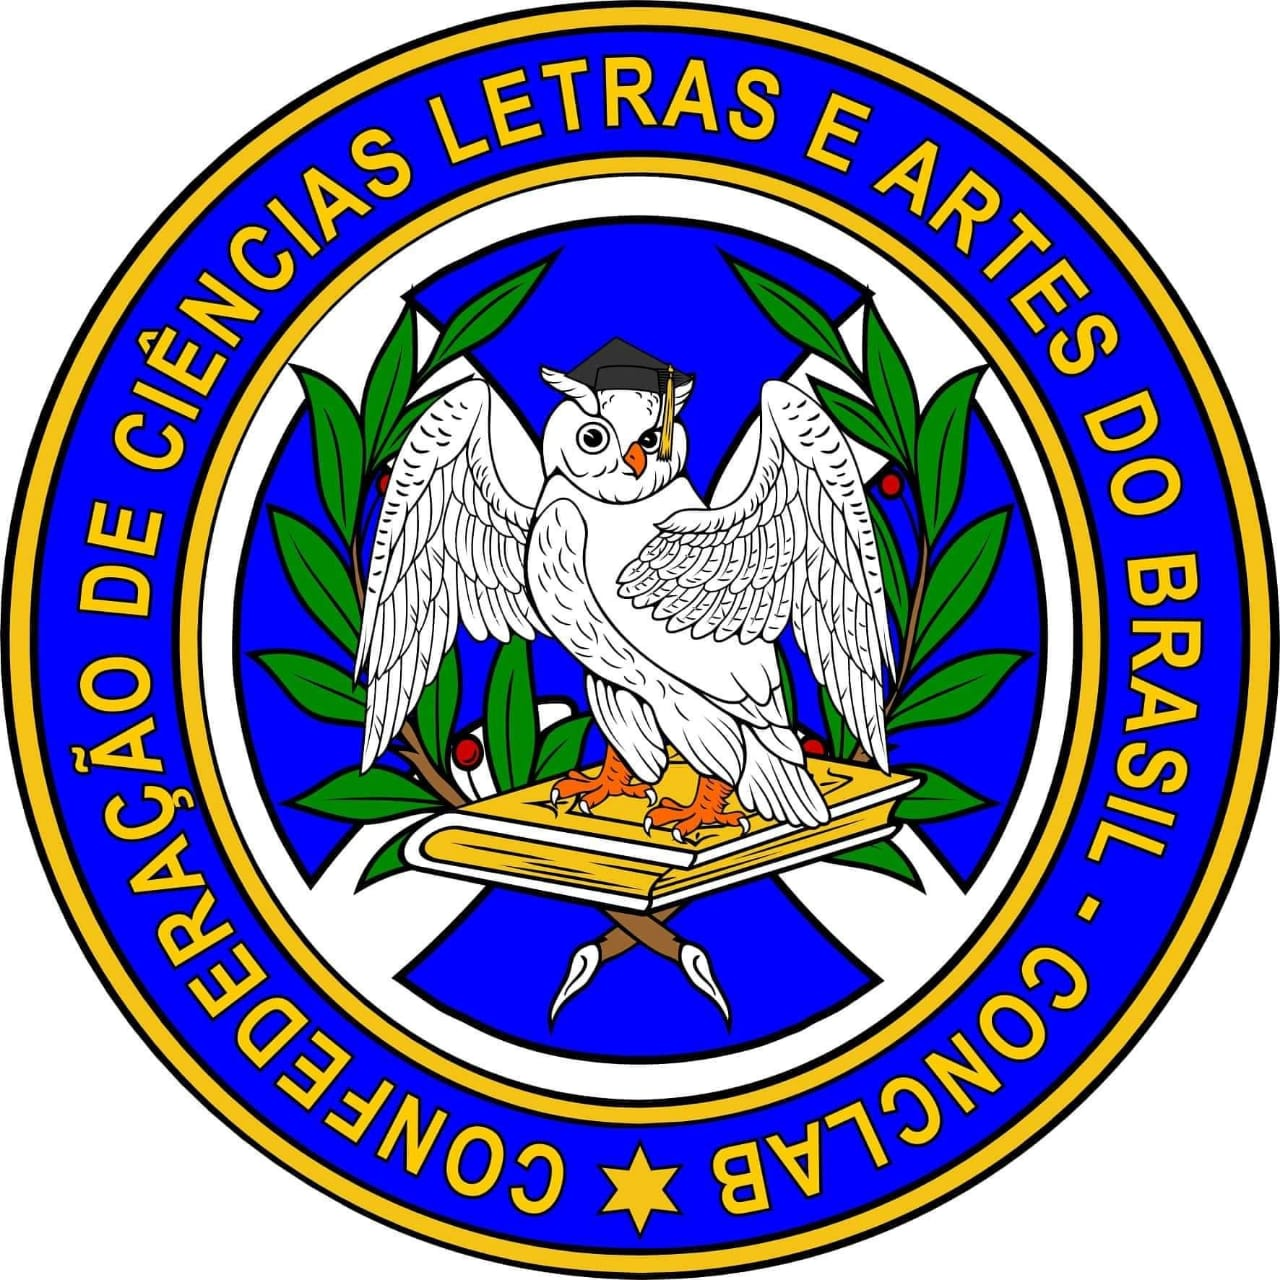 Confederação de Ciências Letras e Artes do Brasil